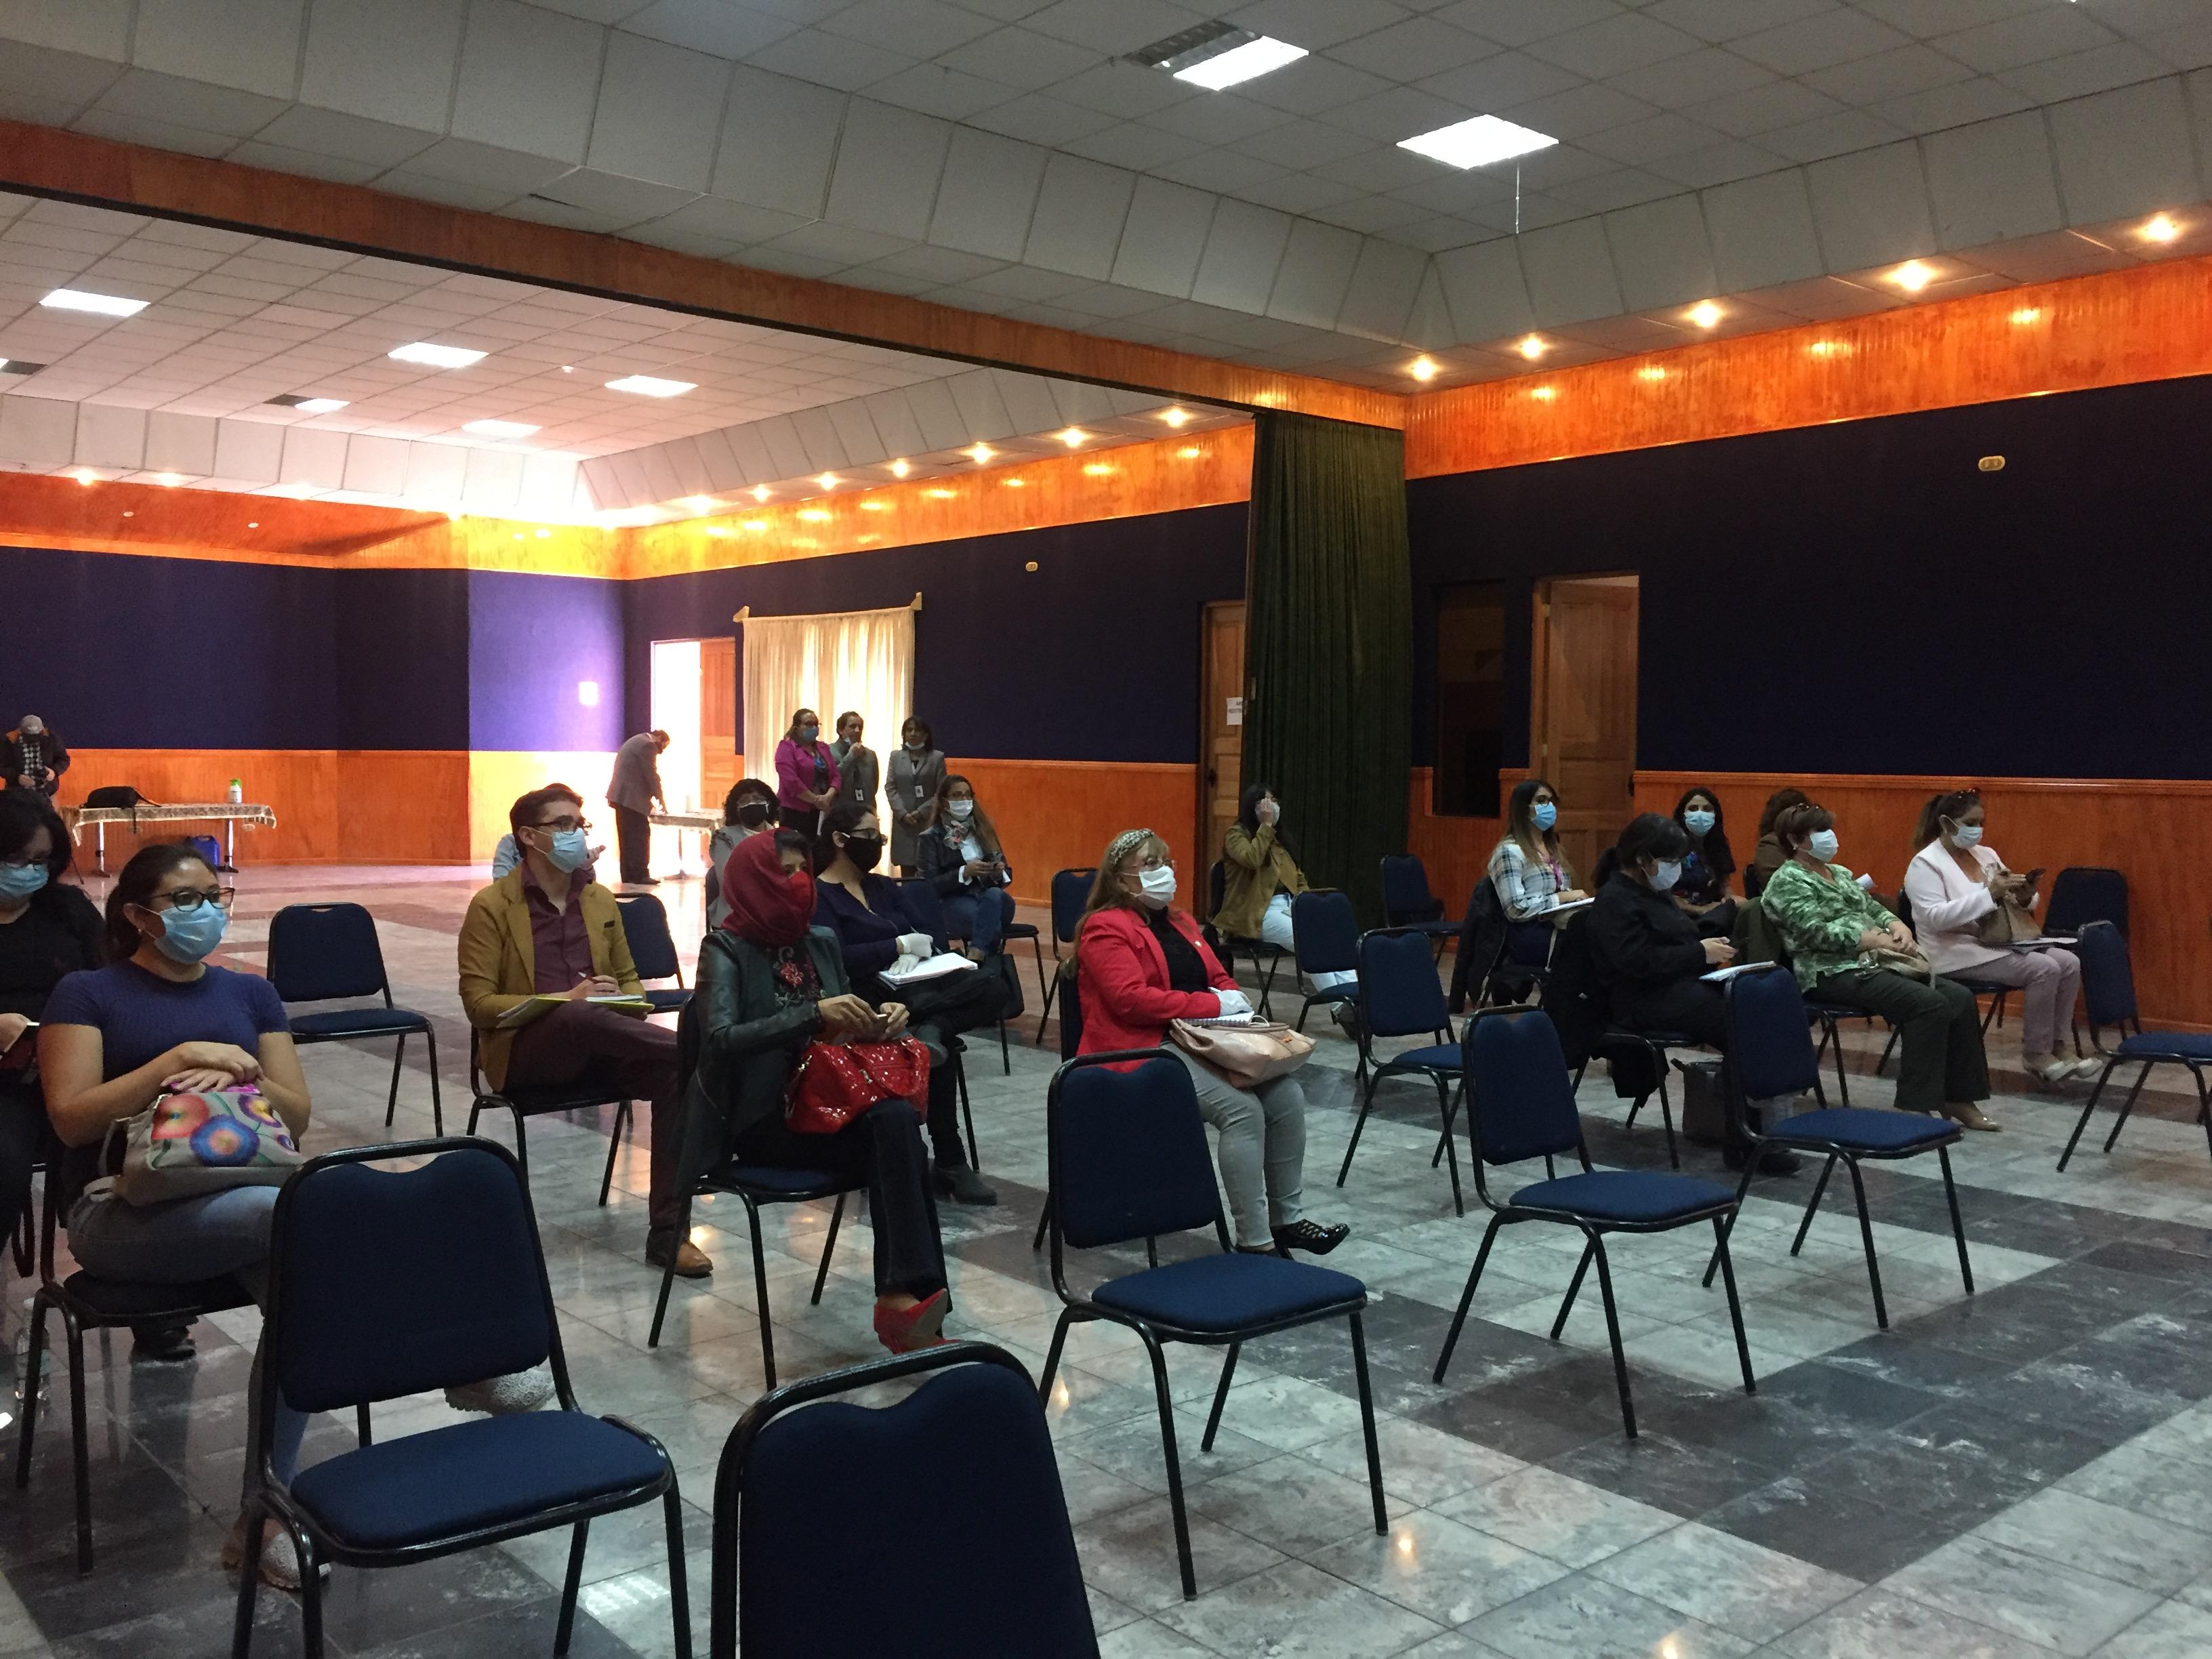 Equipos de convivencia escolar de Comdes trabajan en una sola línea para el acompañamiento de los alumnos y sus familias